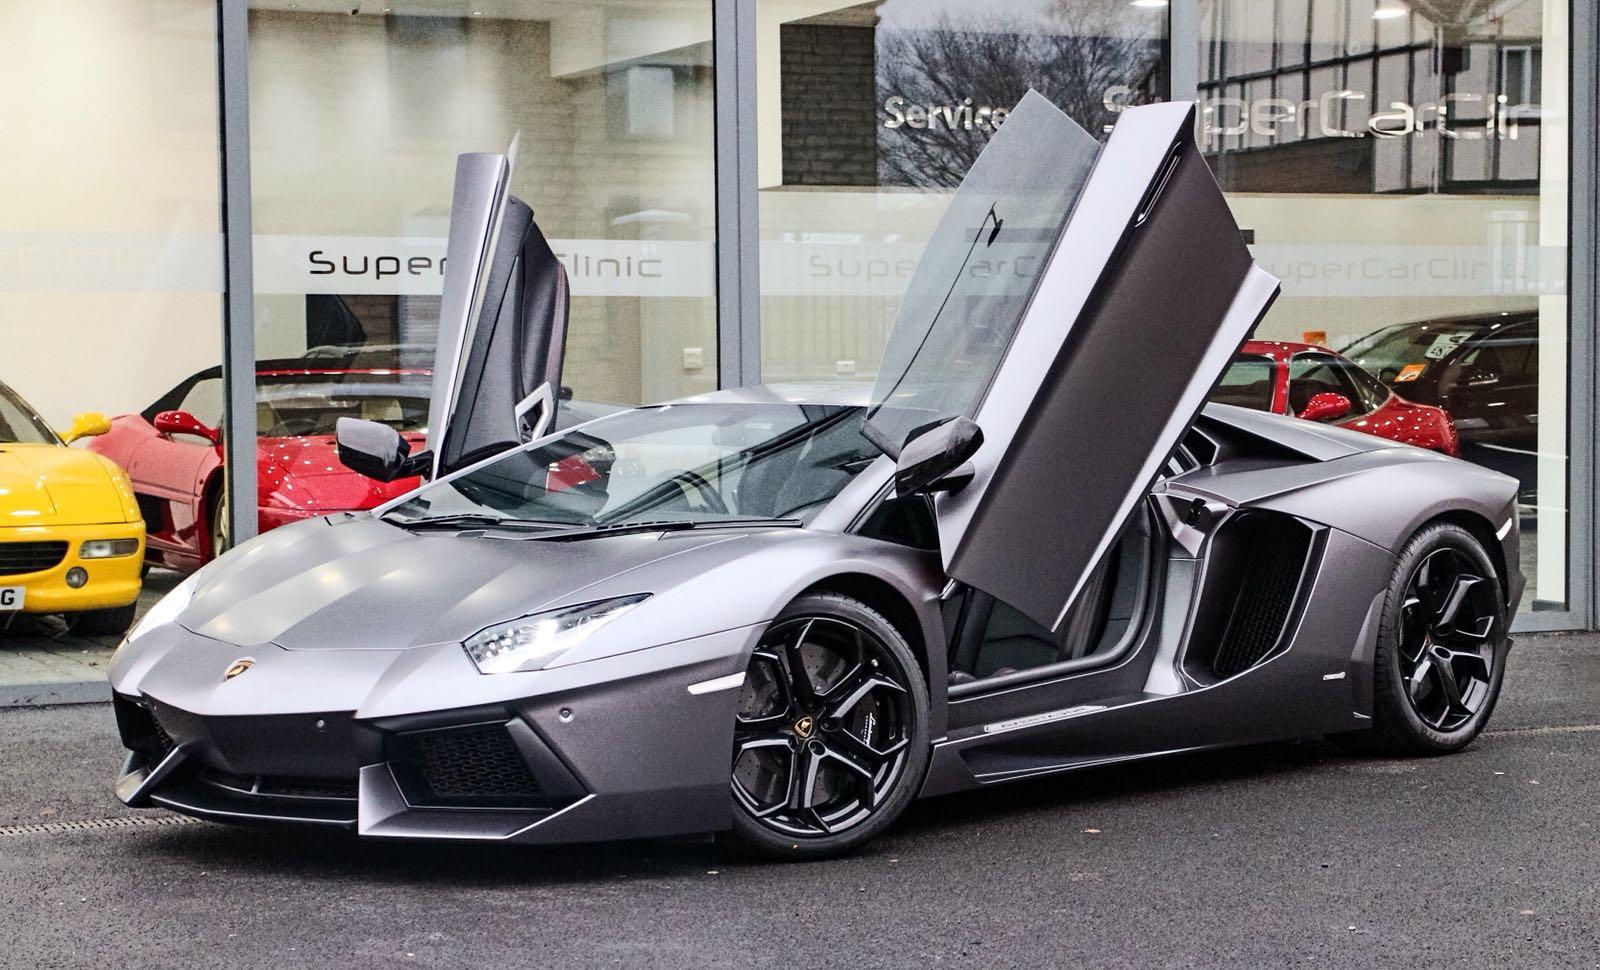 Lamborghini Aventador wrapped in Matte Satin grey